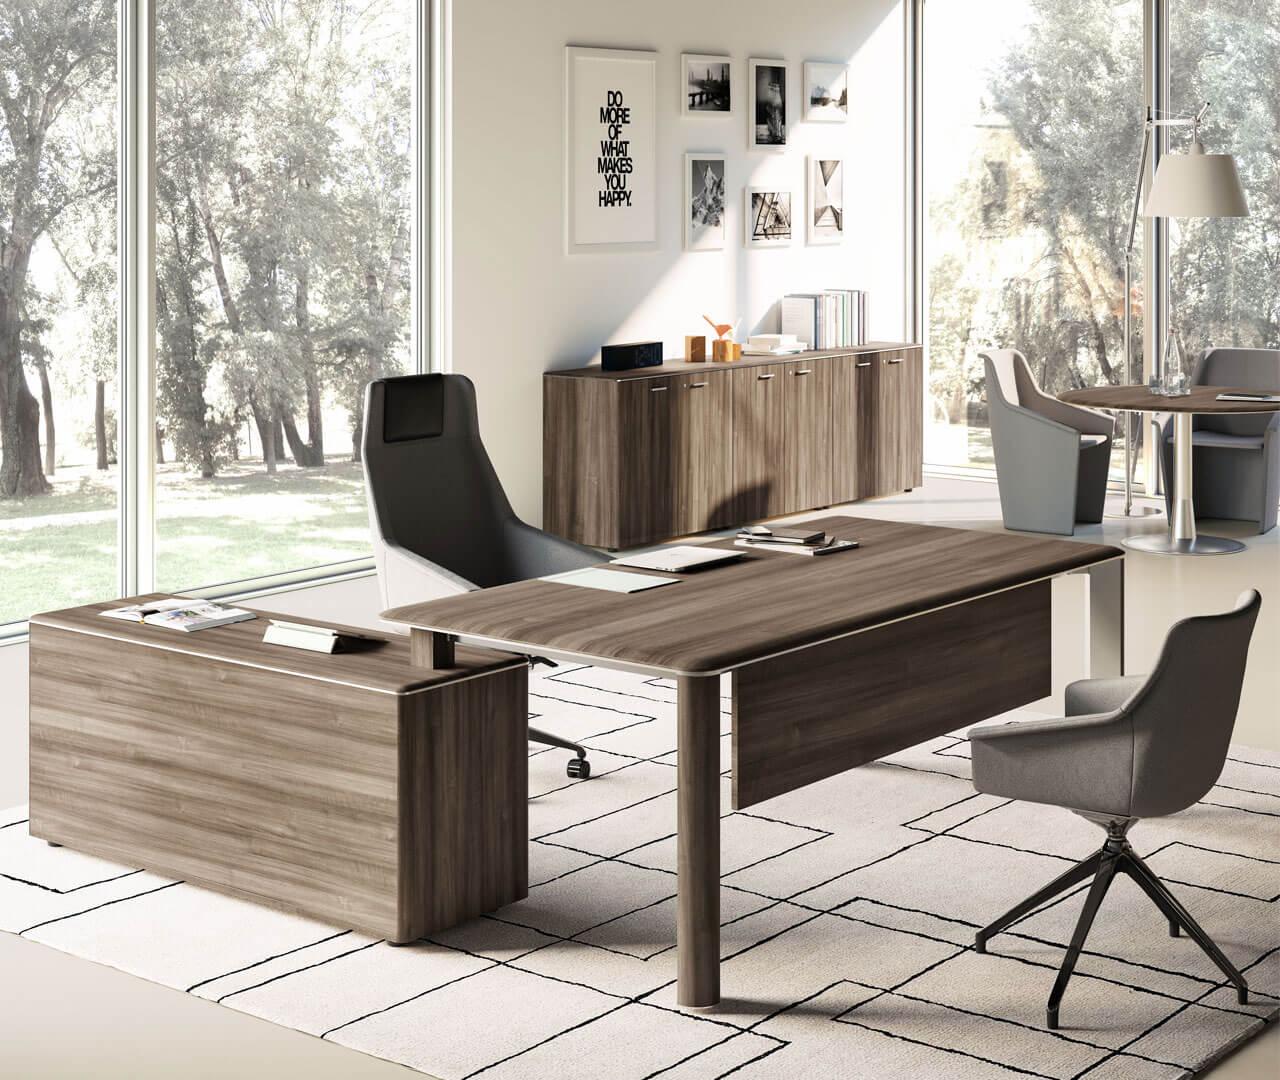 mobili per ufficio | Prontufficio